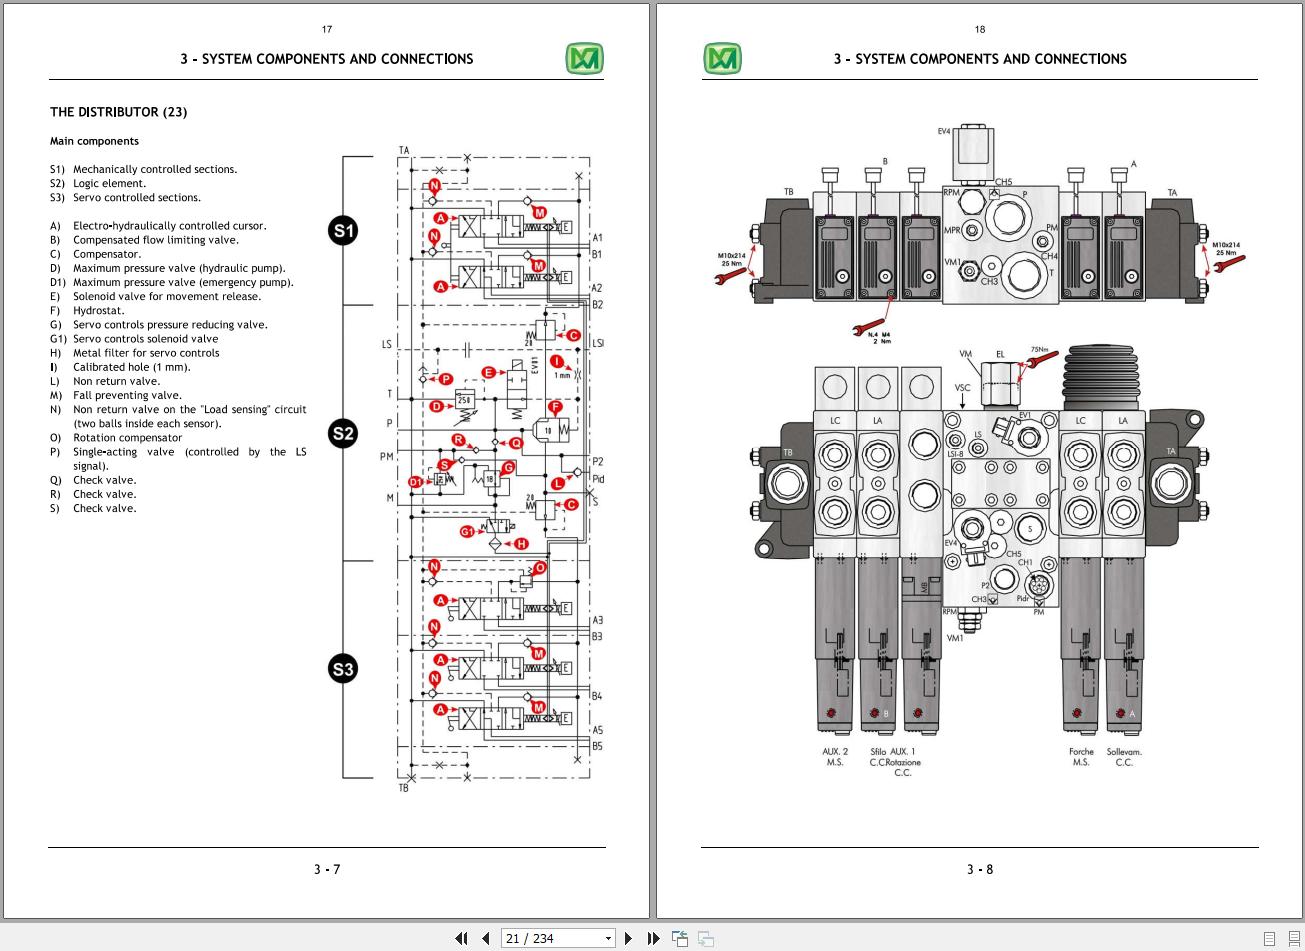 [QMVU_8575]  DIAGRAM] Aiwa Cdc Wiring Diagram FULL Version HD Quality Wiring Diagram -  191458.ACCNET.FR | Aiwa Cdc Wiring Diagram |  | accnet.fr